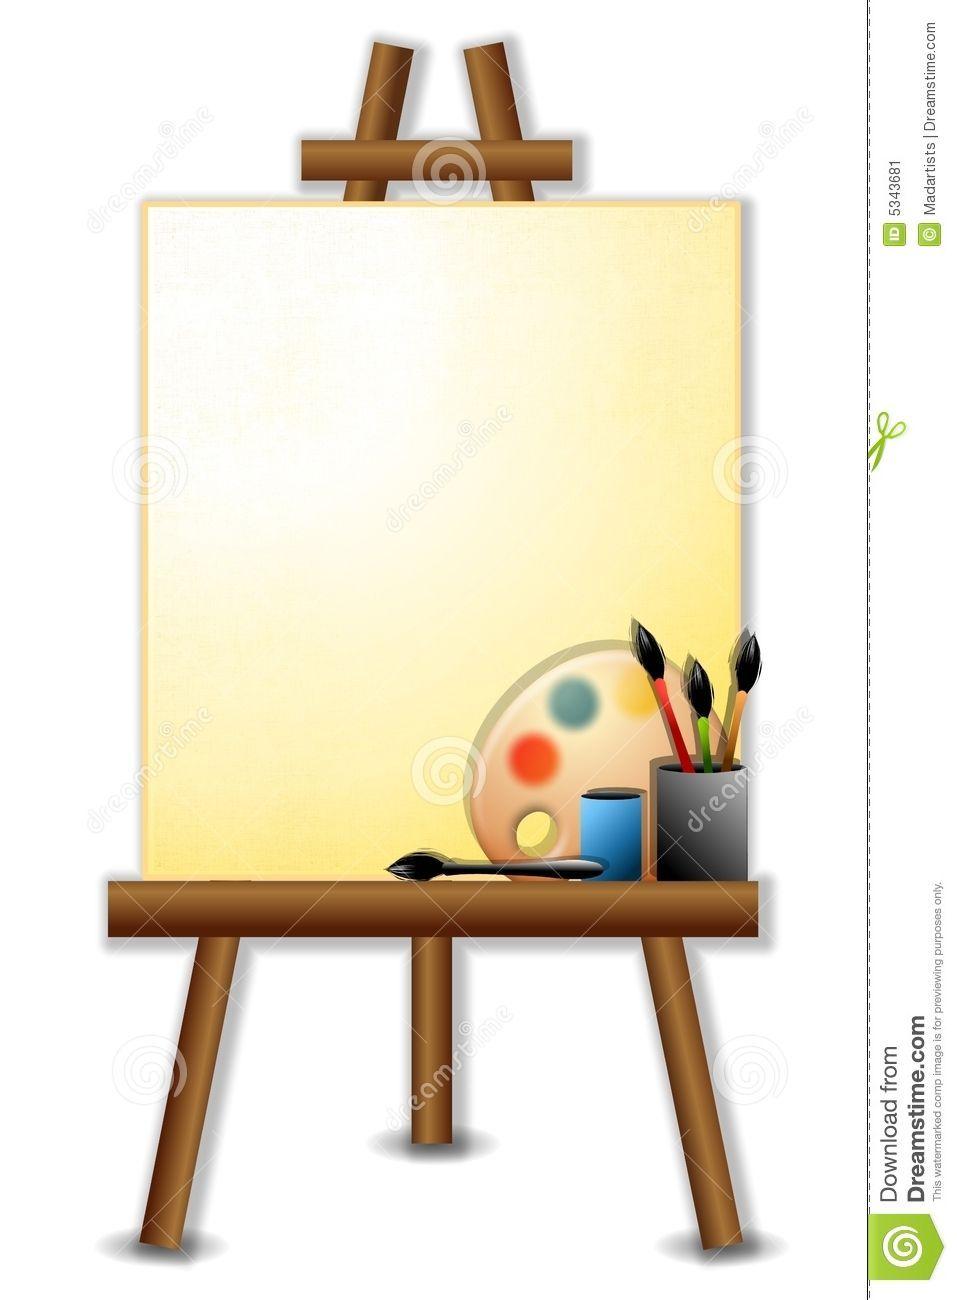 Paint easel clipart 5 » Clipart Portal.